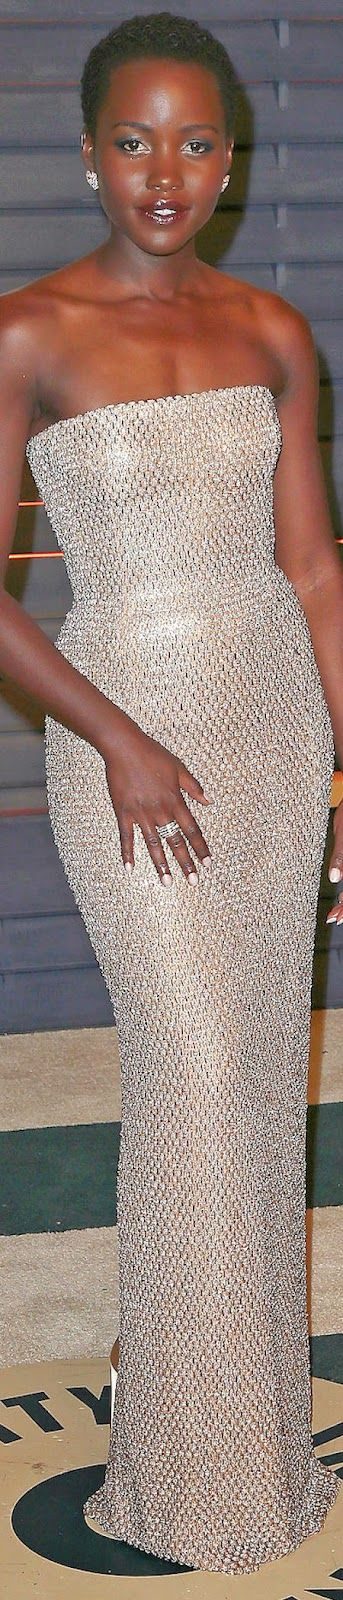 Lupita Nyong'o in Calvin Klein 2015 Vanity Fair Oscar Party | The House of Beccaria~